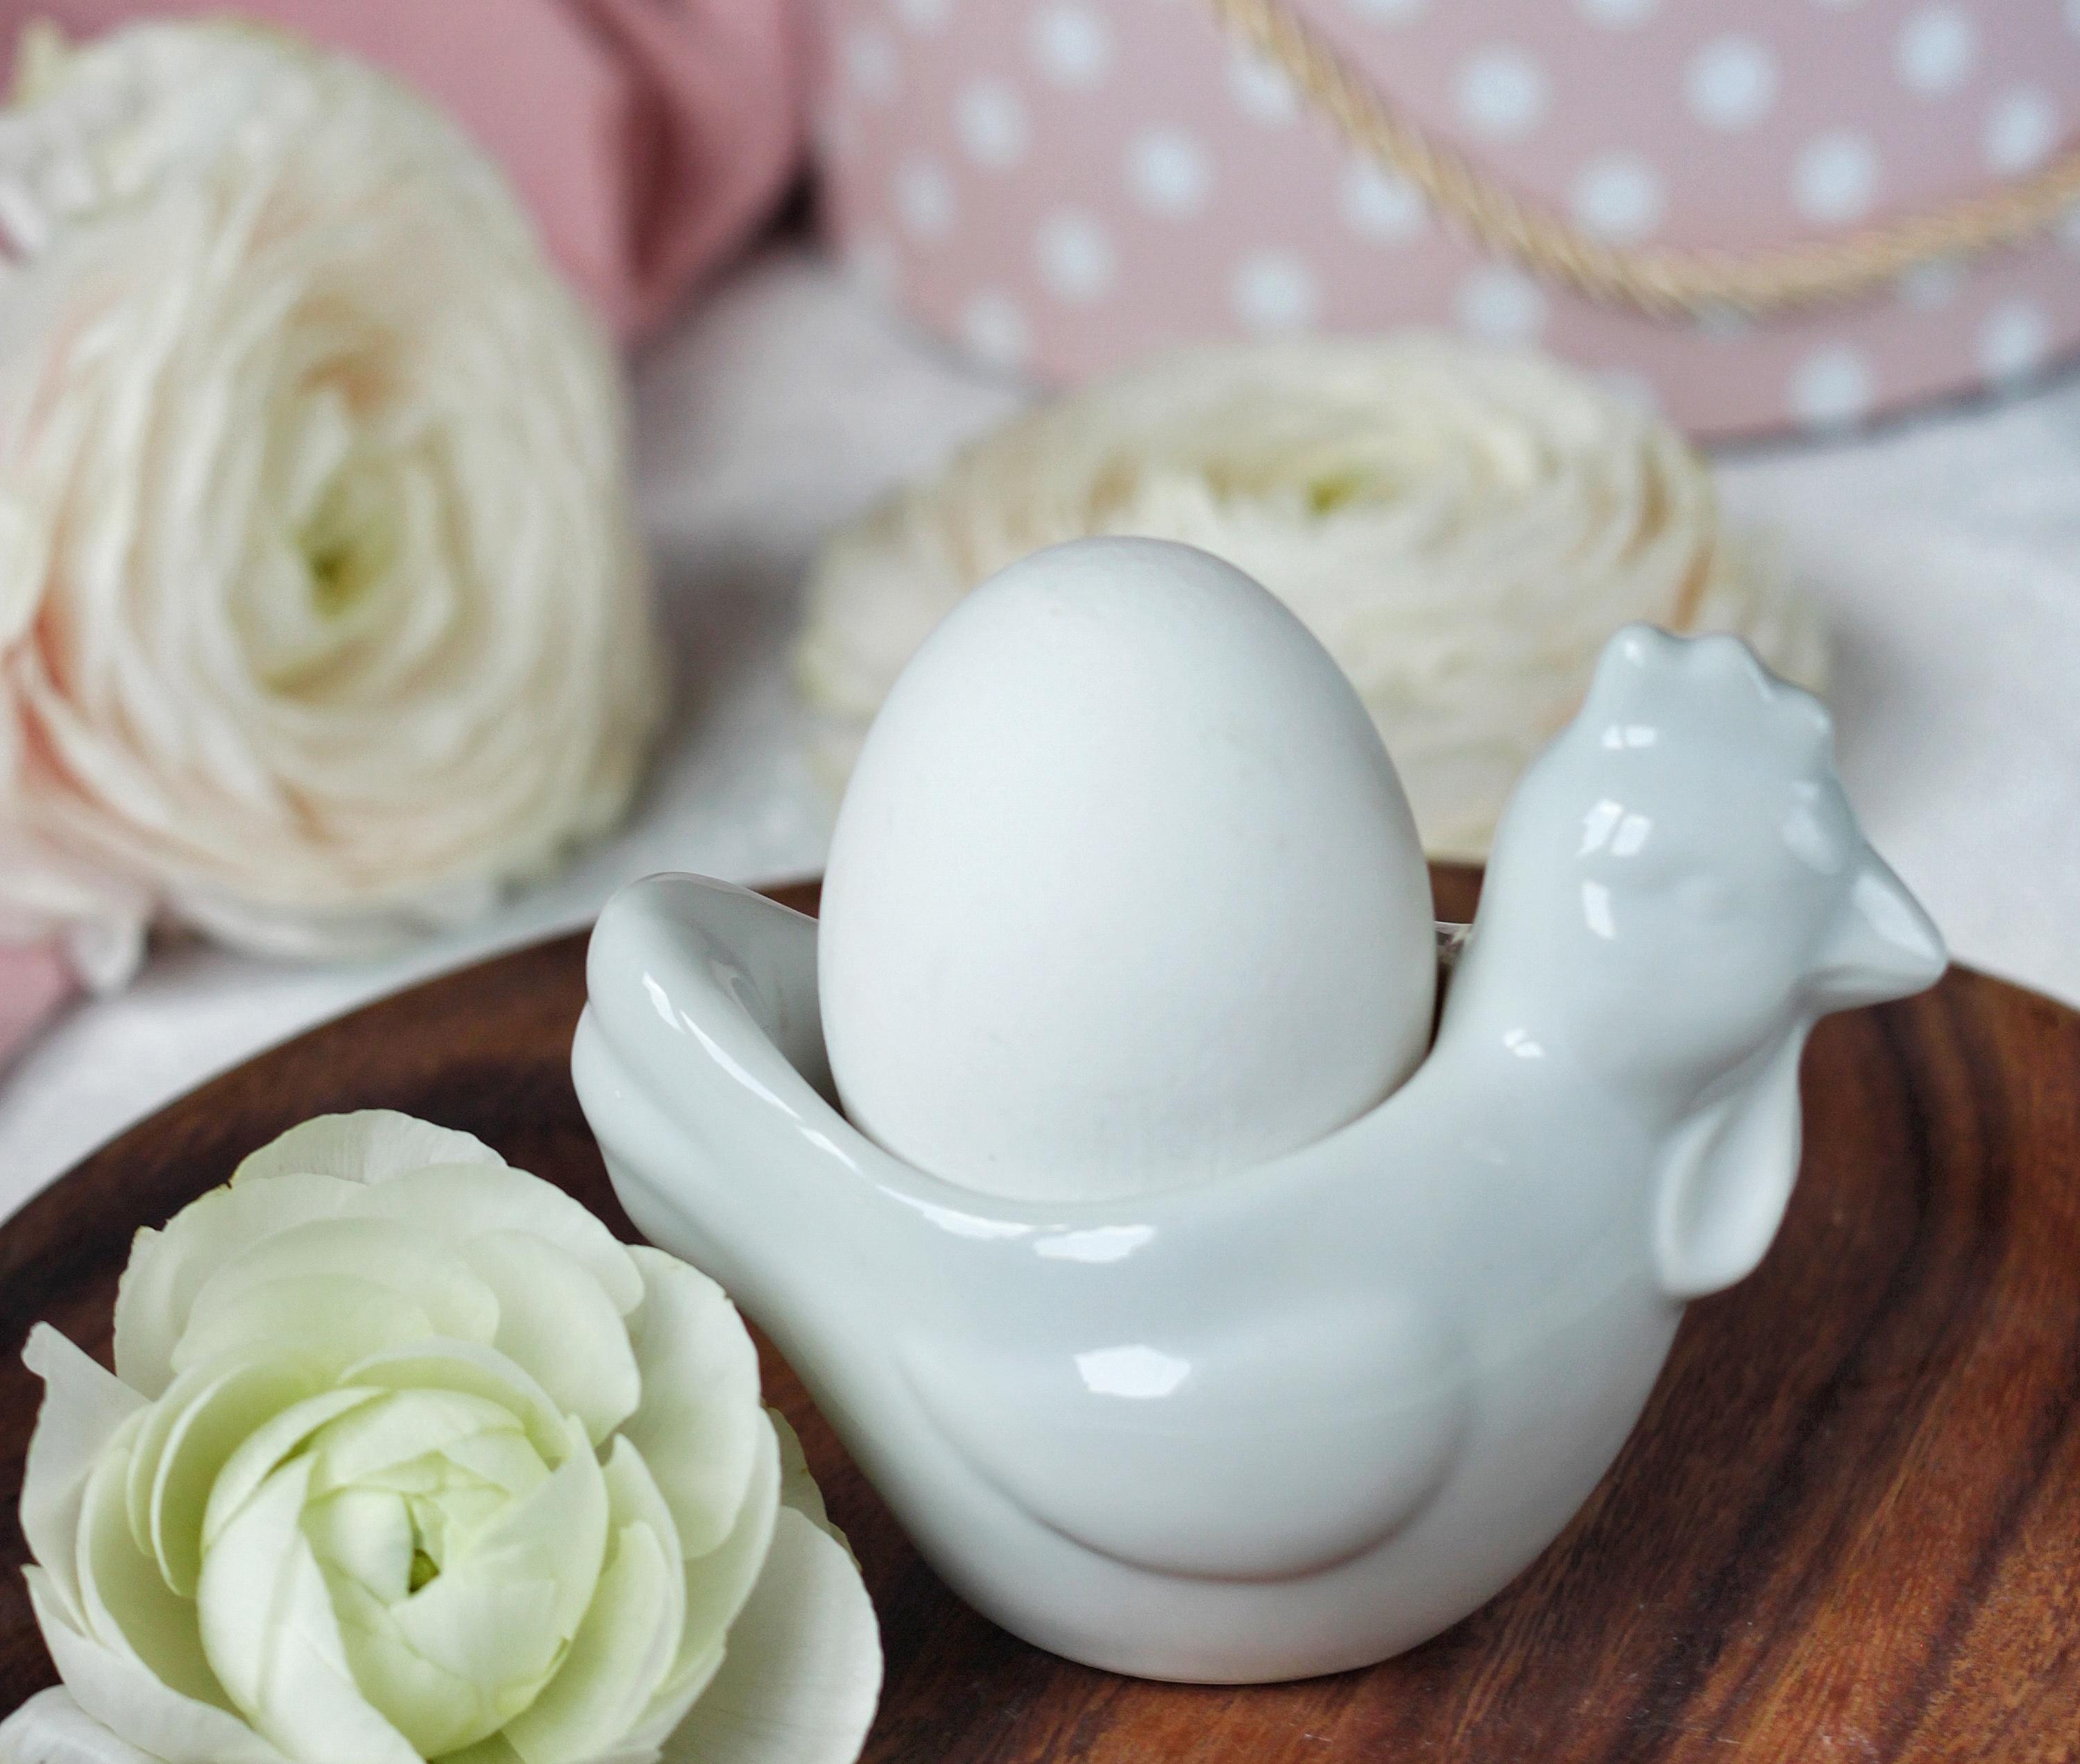 Подставка для яица в виде курочки